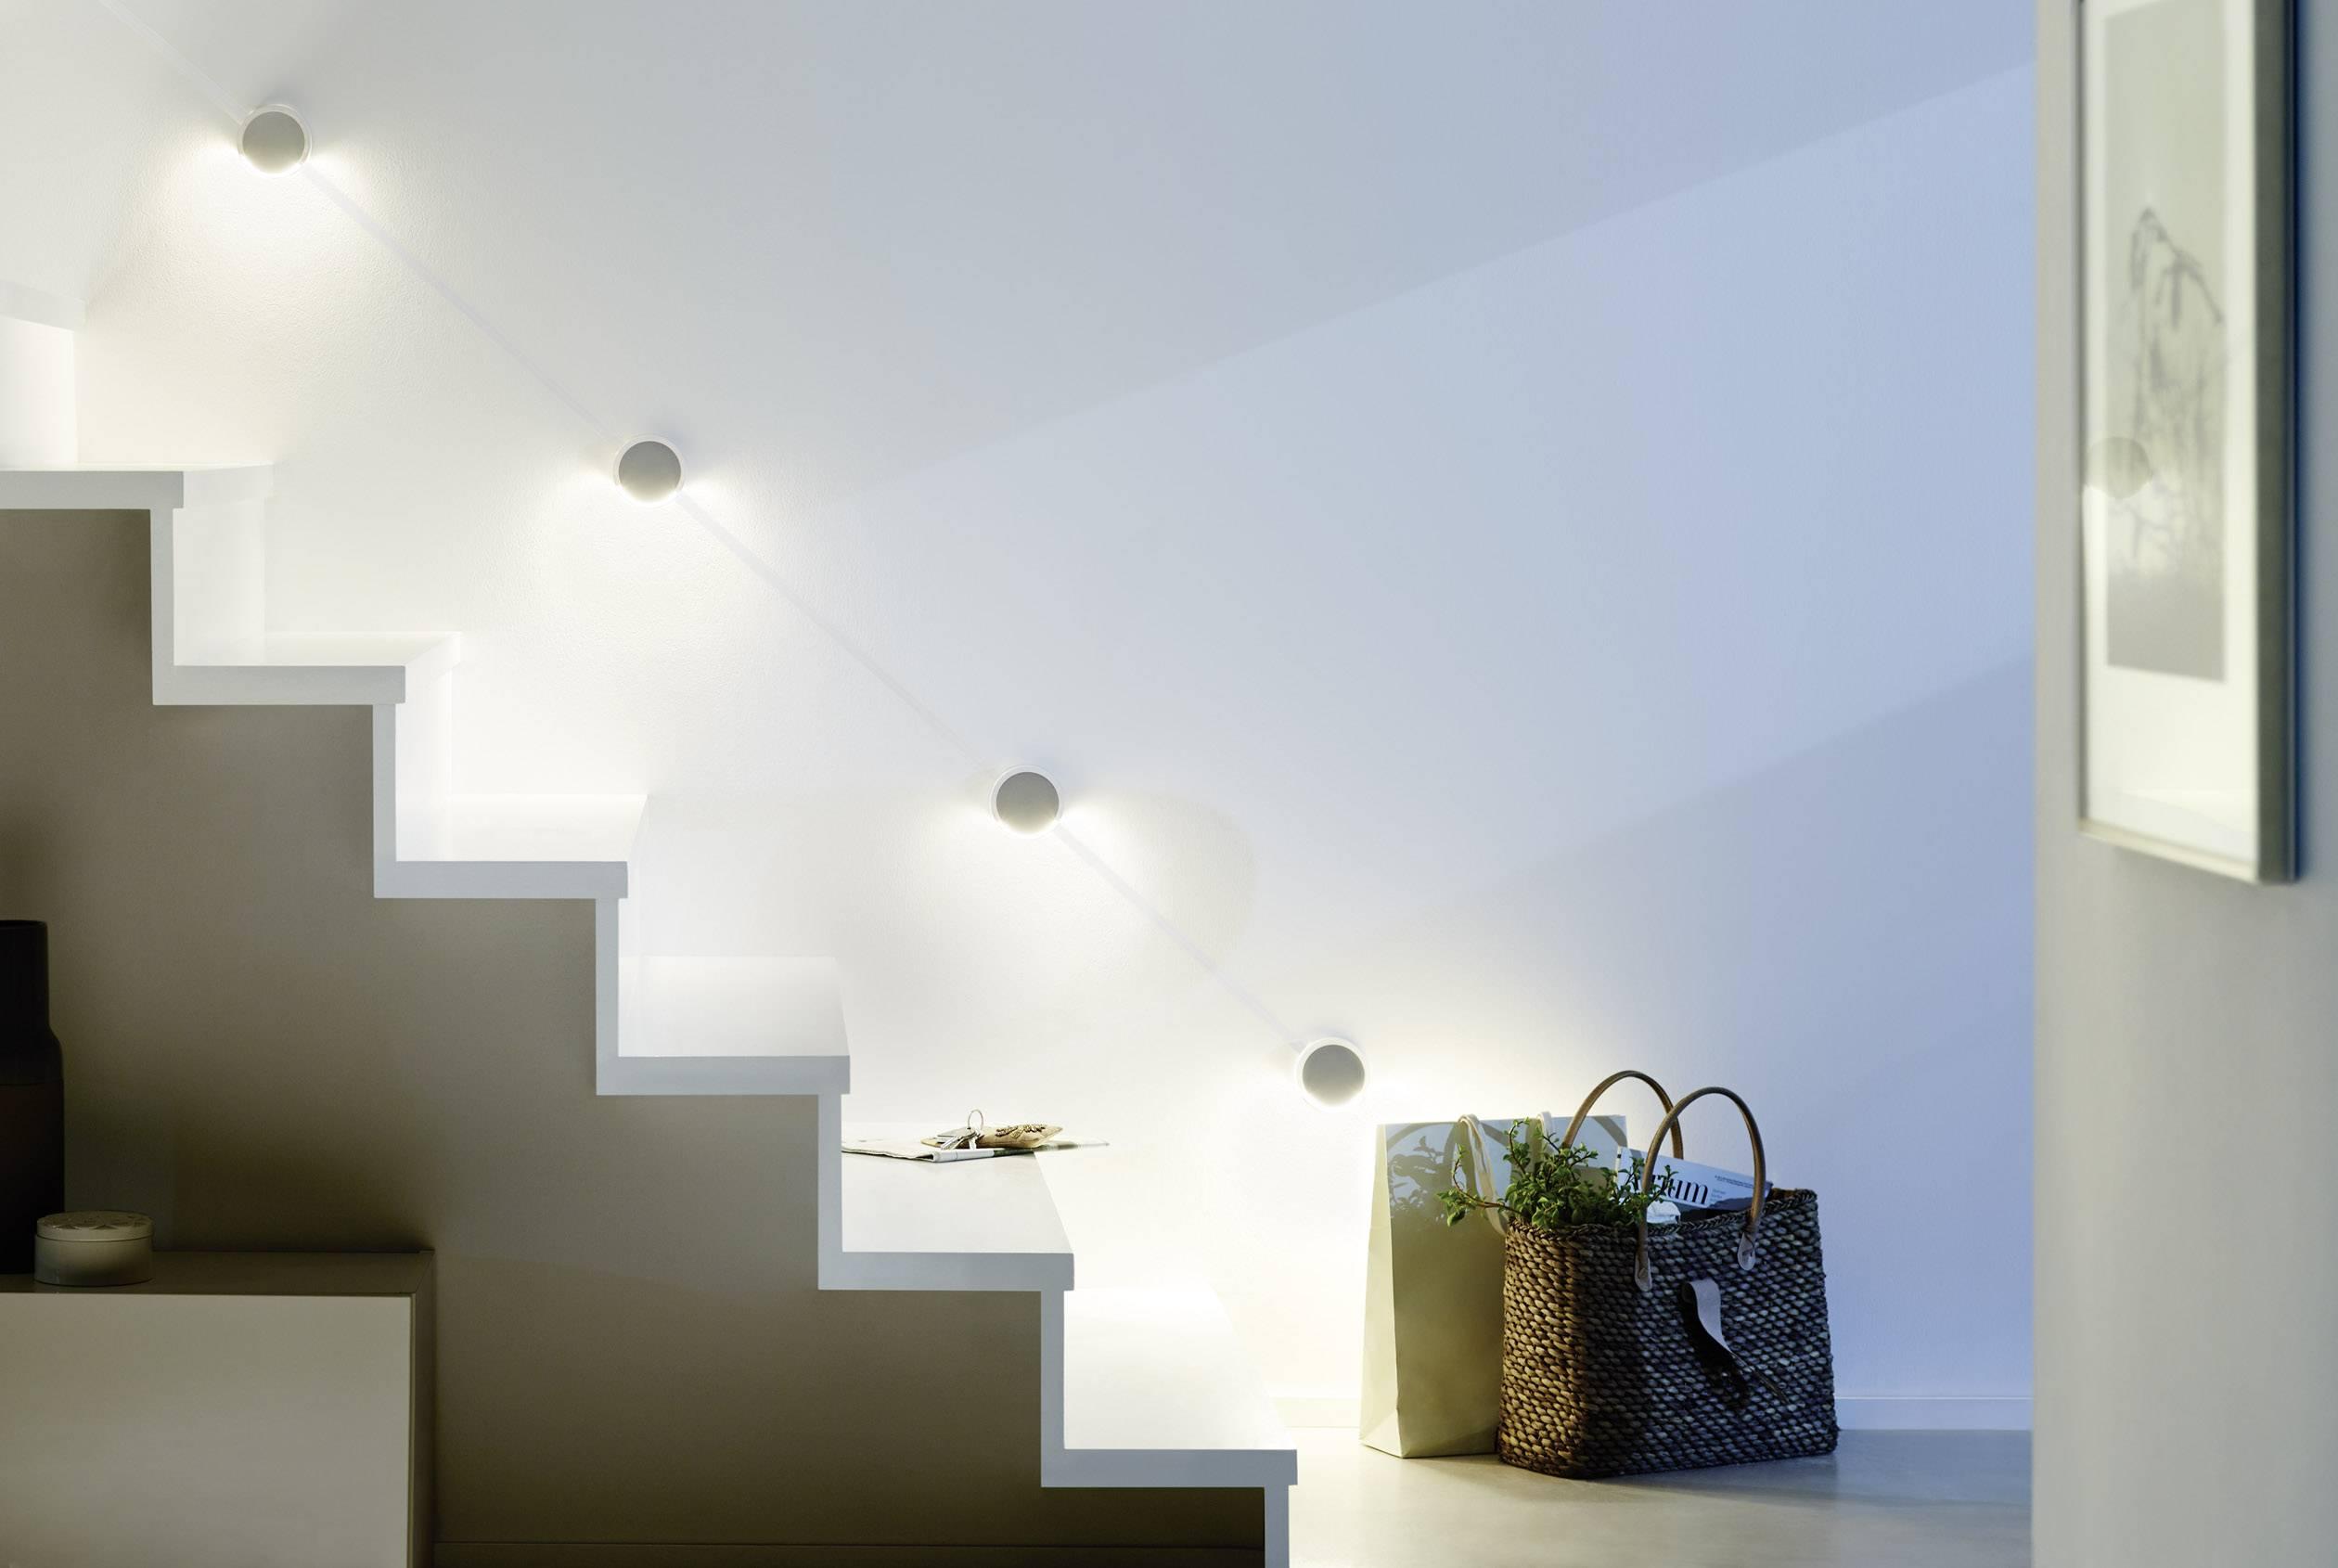 Lampe Ohne Strom Latest Gallery Decke Ohne Strom Decke Lauraros